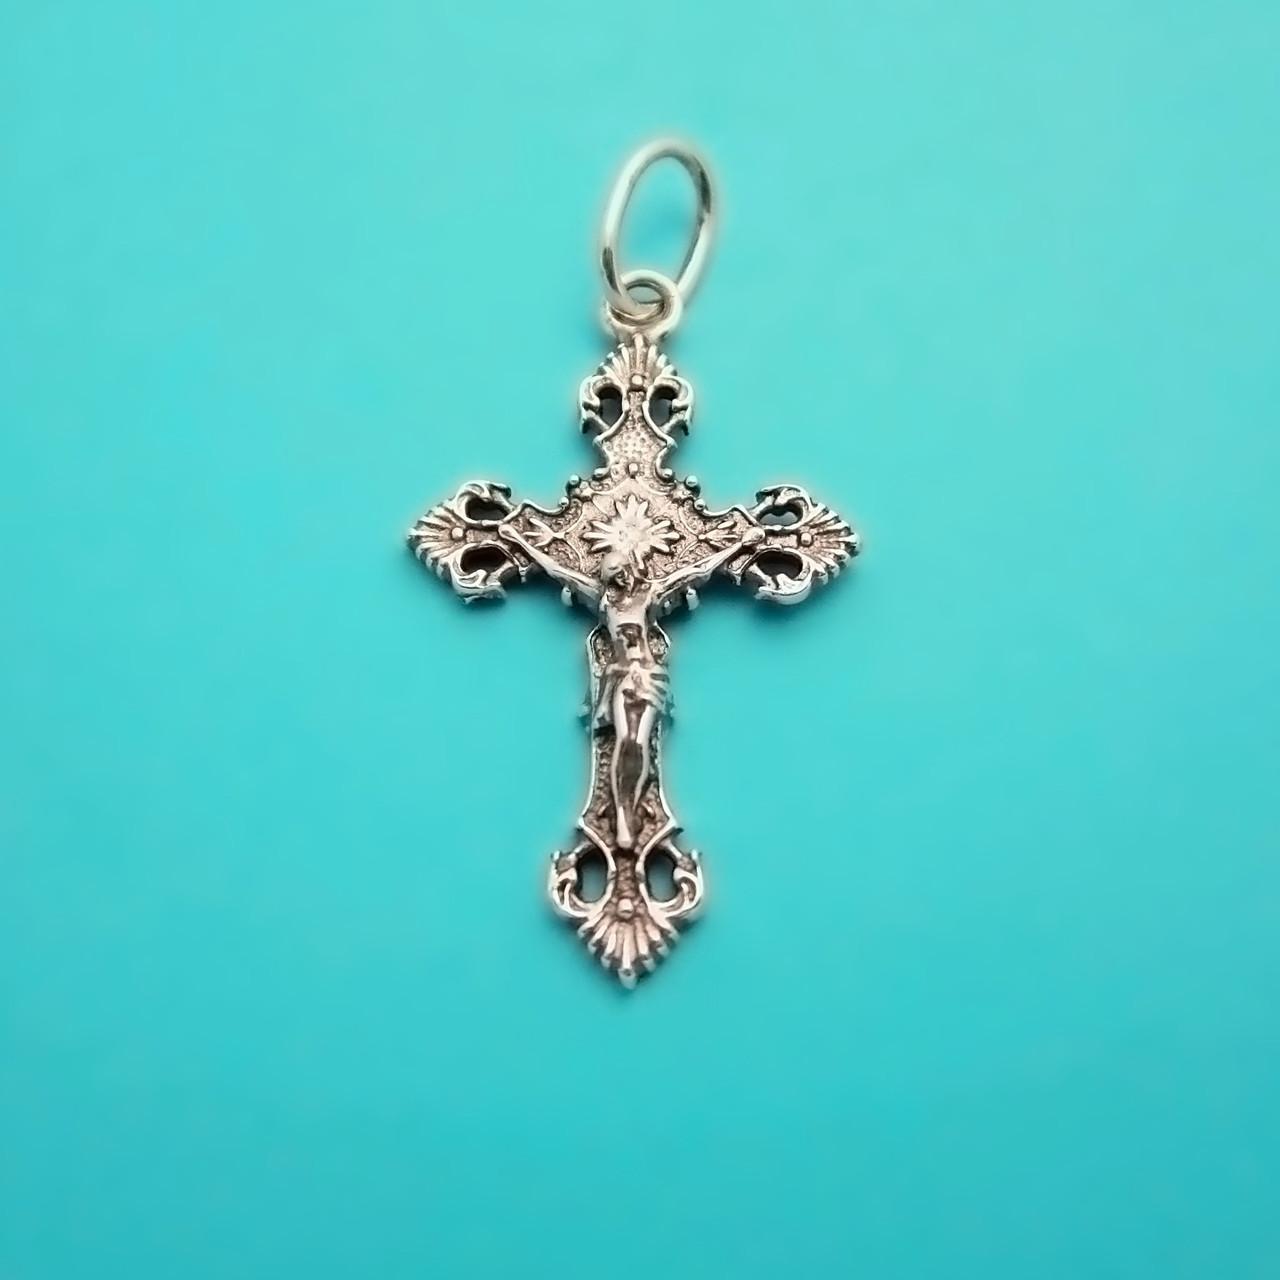 смотреть серебряные католические крестики фото березы